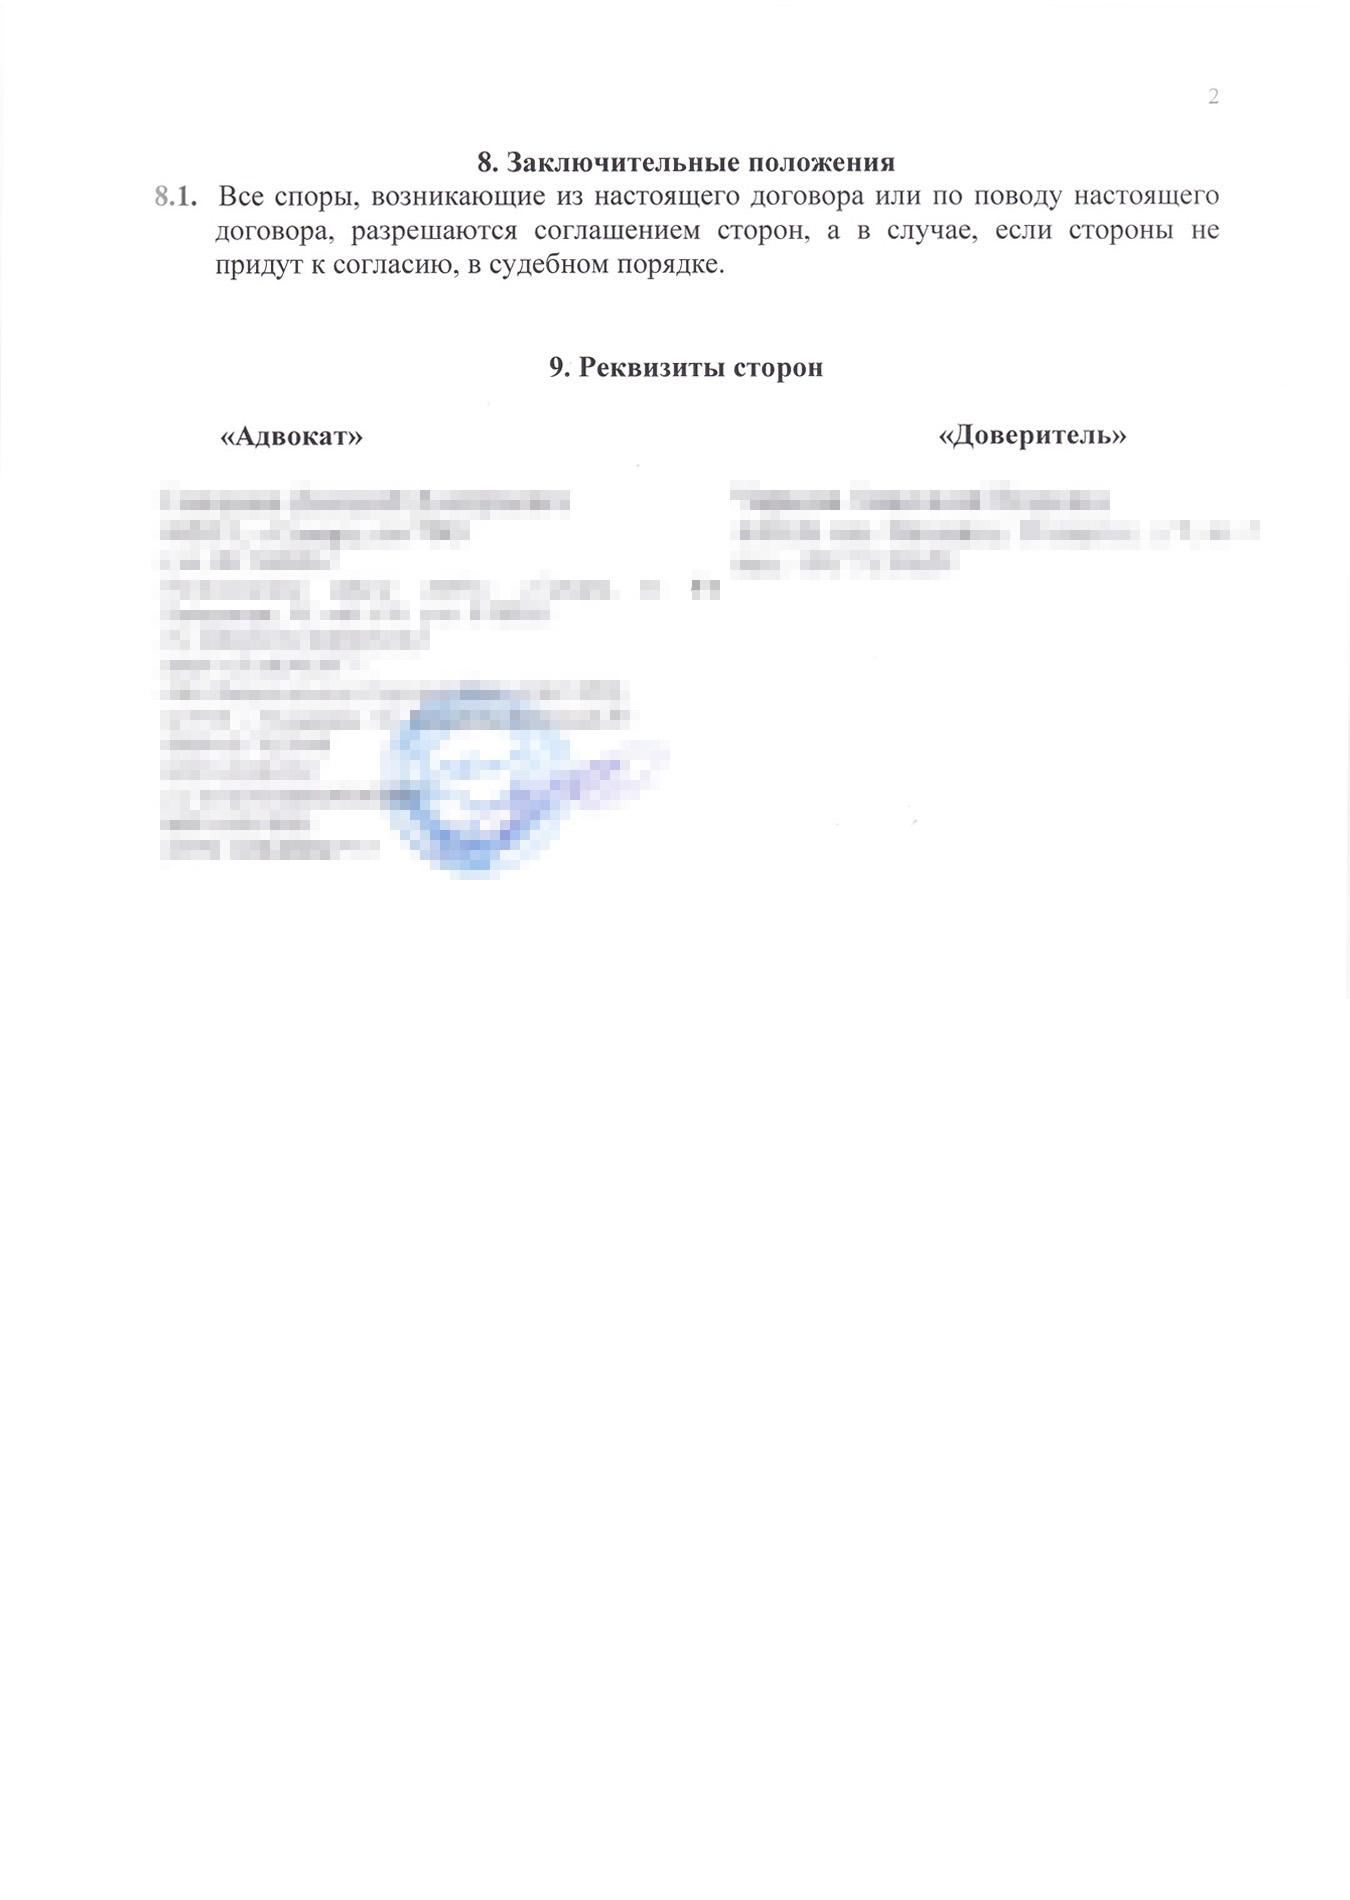 Соглашение с заказчиком окон об оказании адвокатской помощи